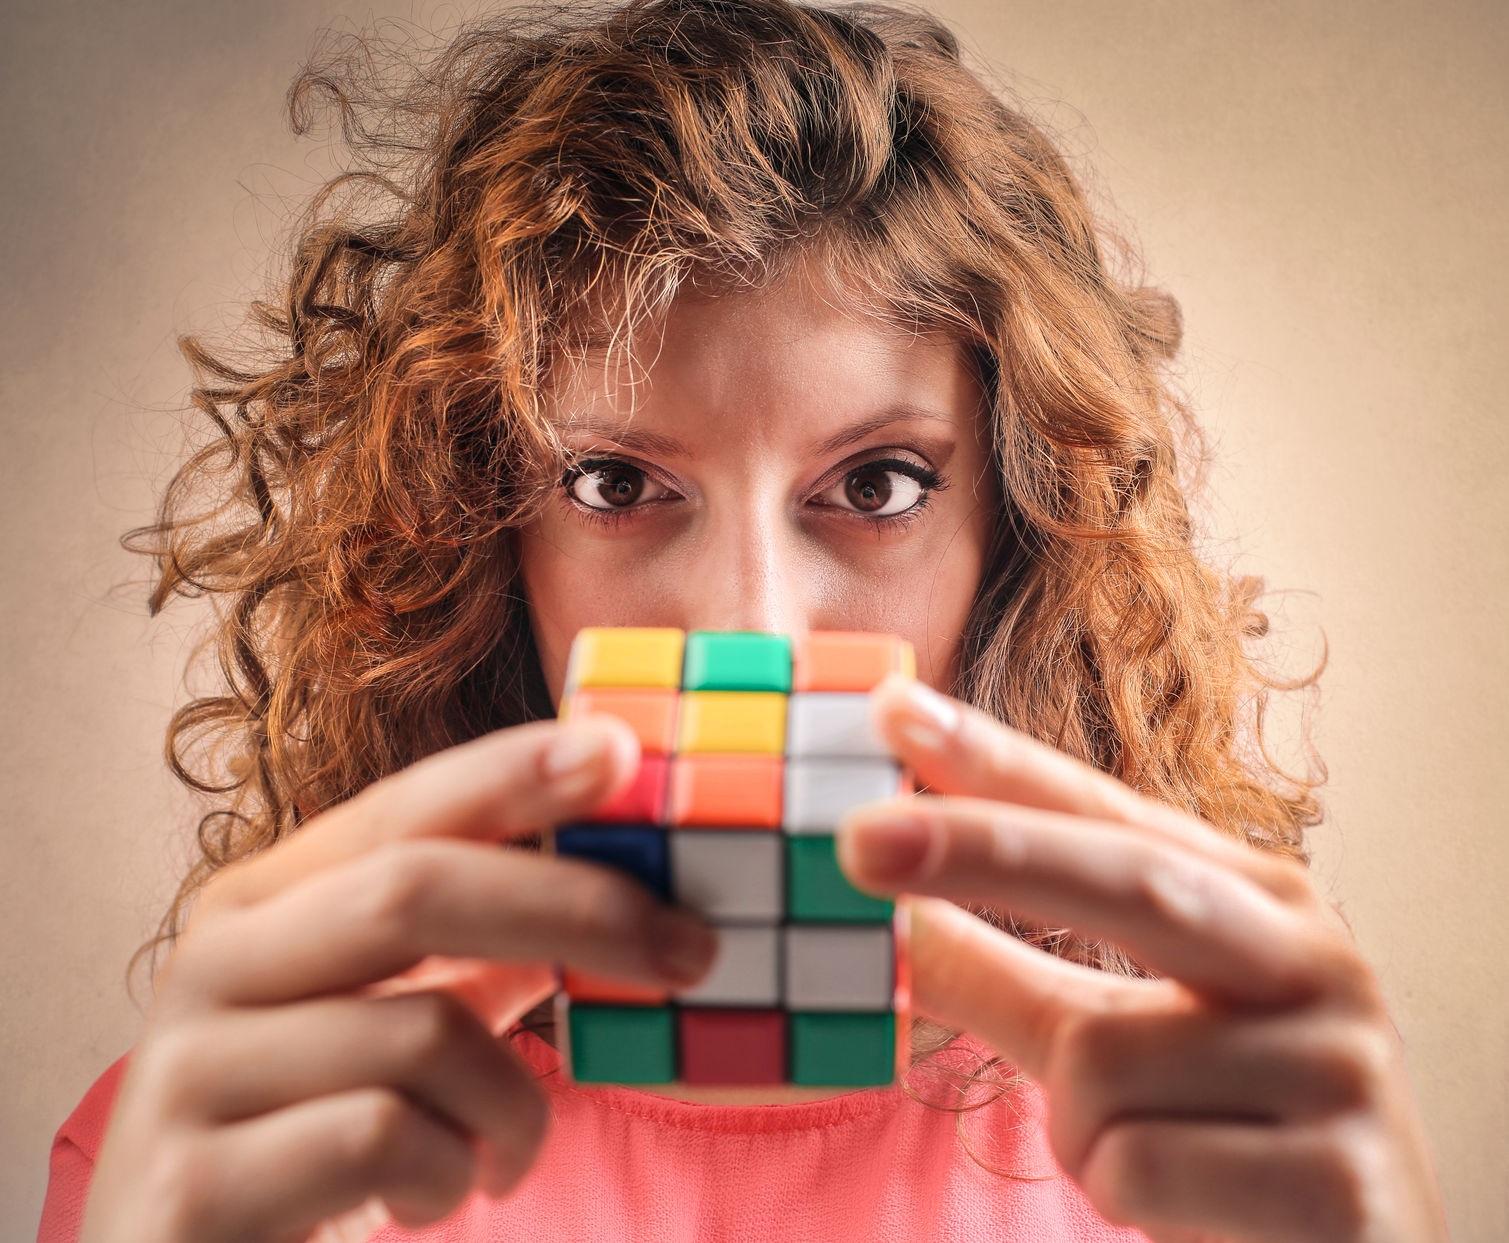 6cdd330044d Merkenverdriet: de naam Rubik's Cube is niet meer te beschermen